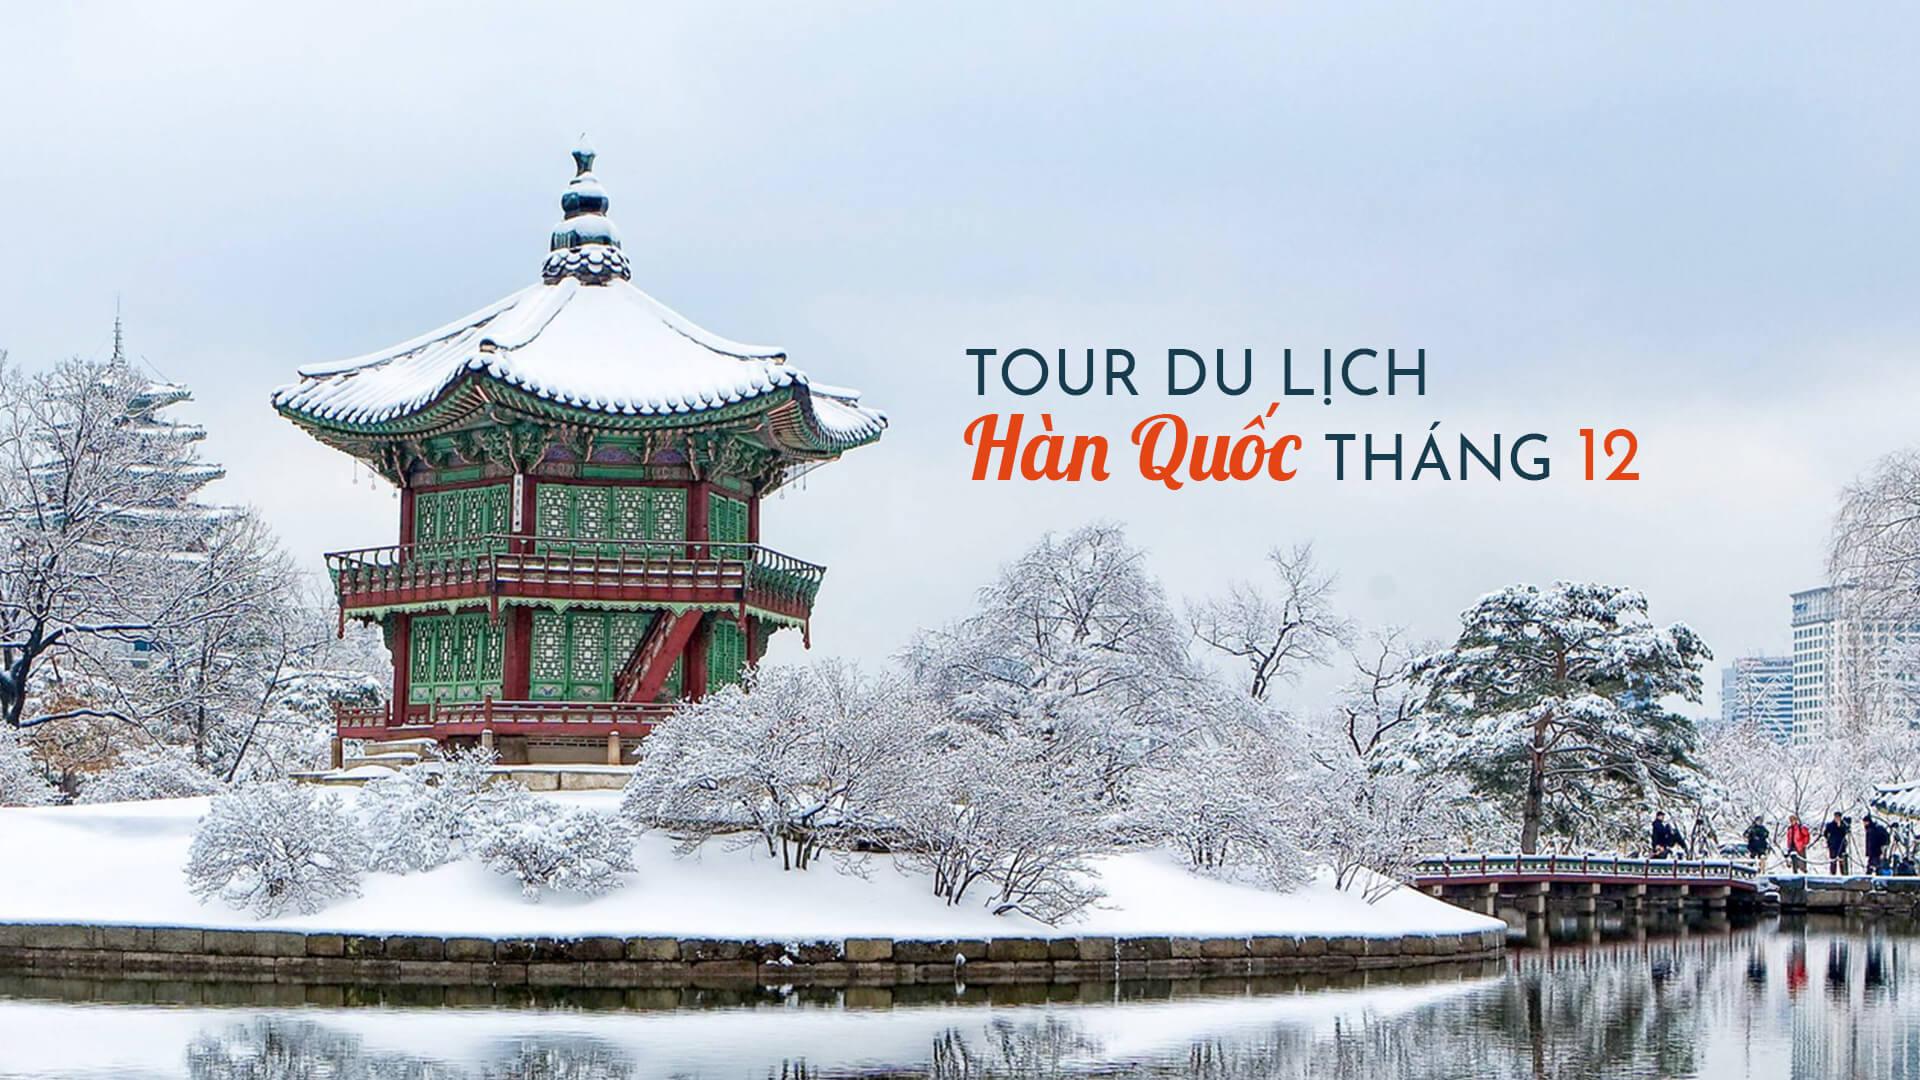 Đặt tour du lịch Hàn Quốc tháng 12 để đón tuyết rơi đầu mùa